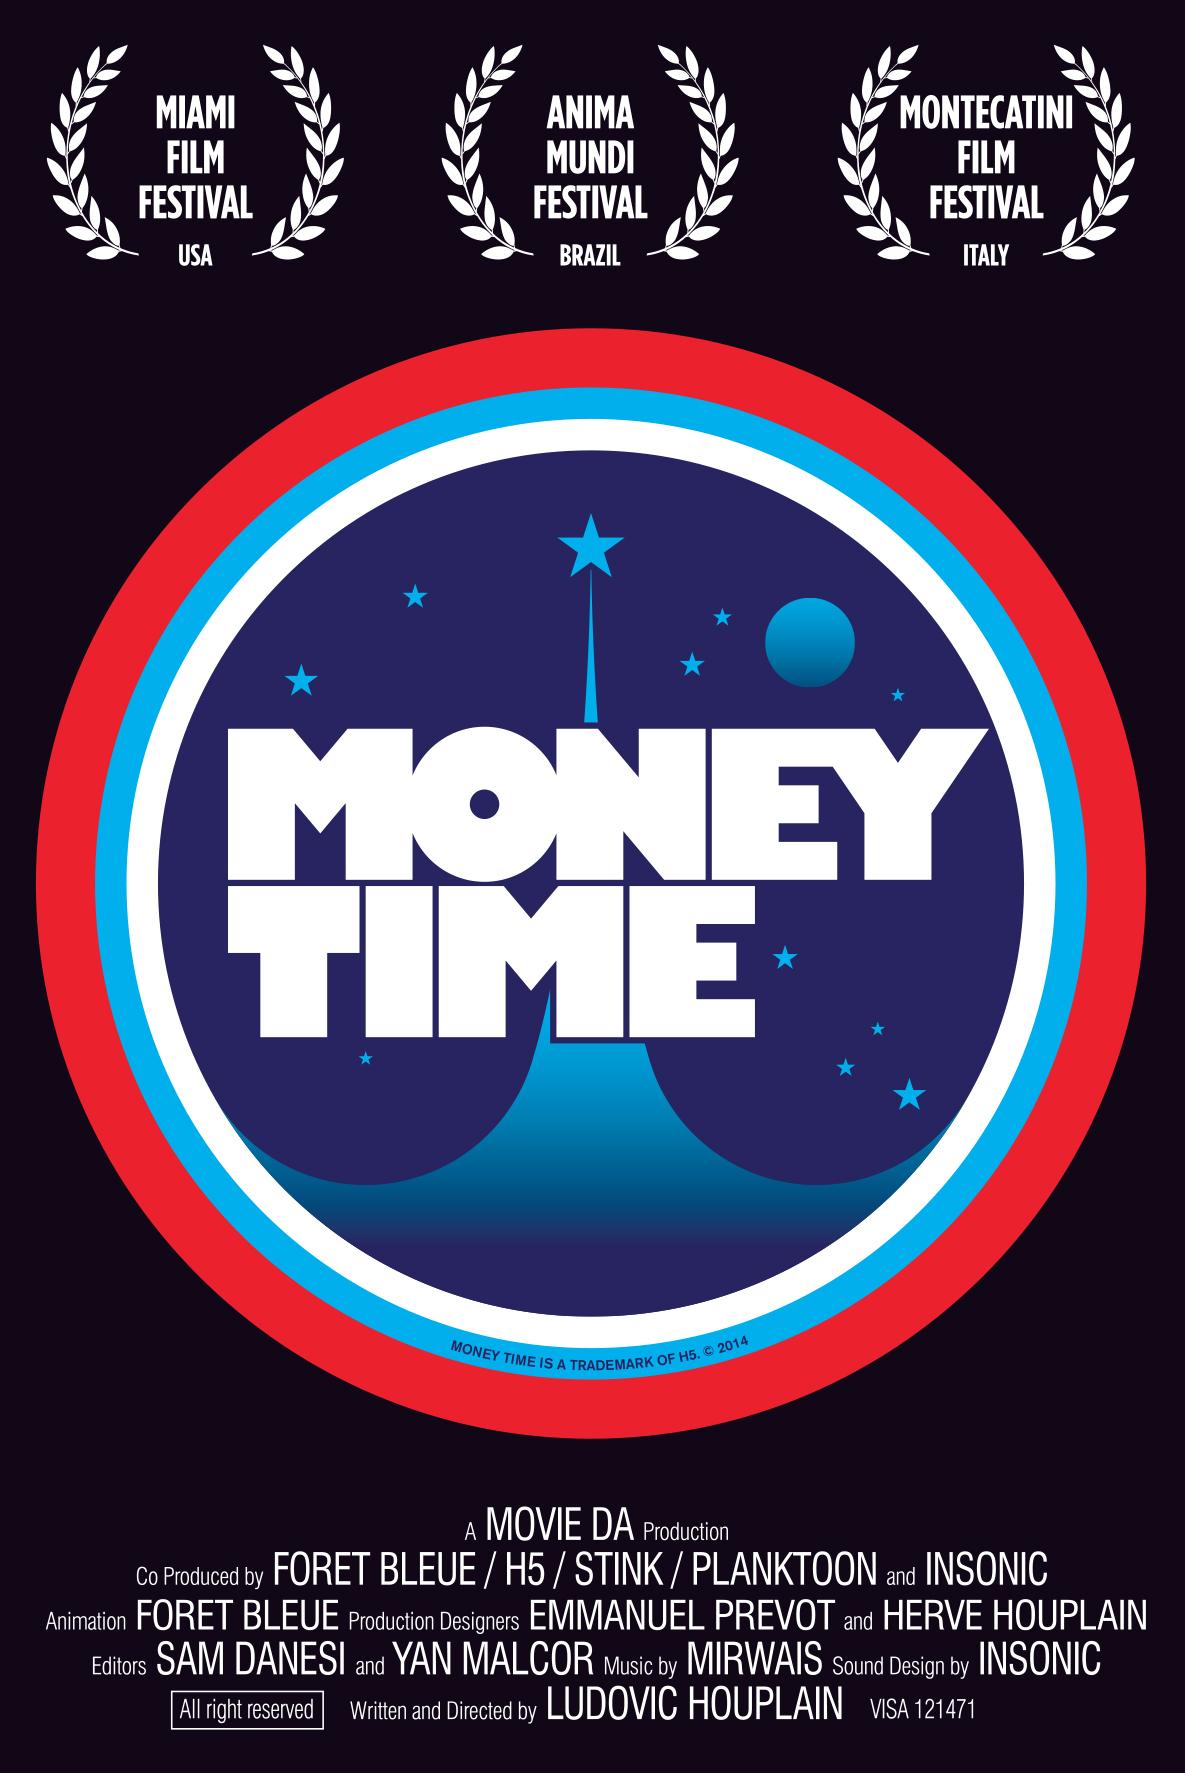 Money Time Poster.jpg